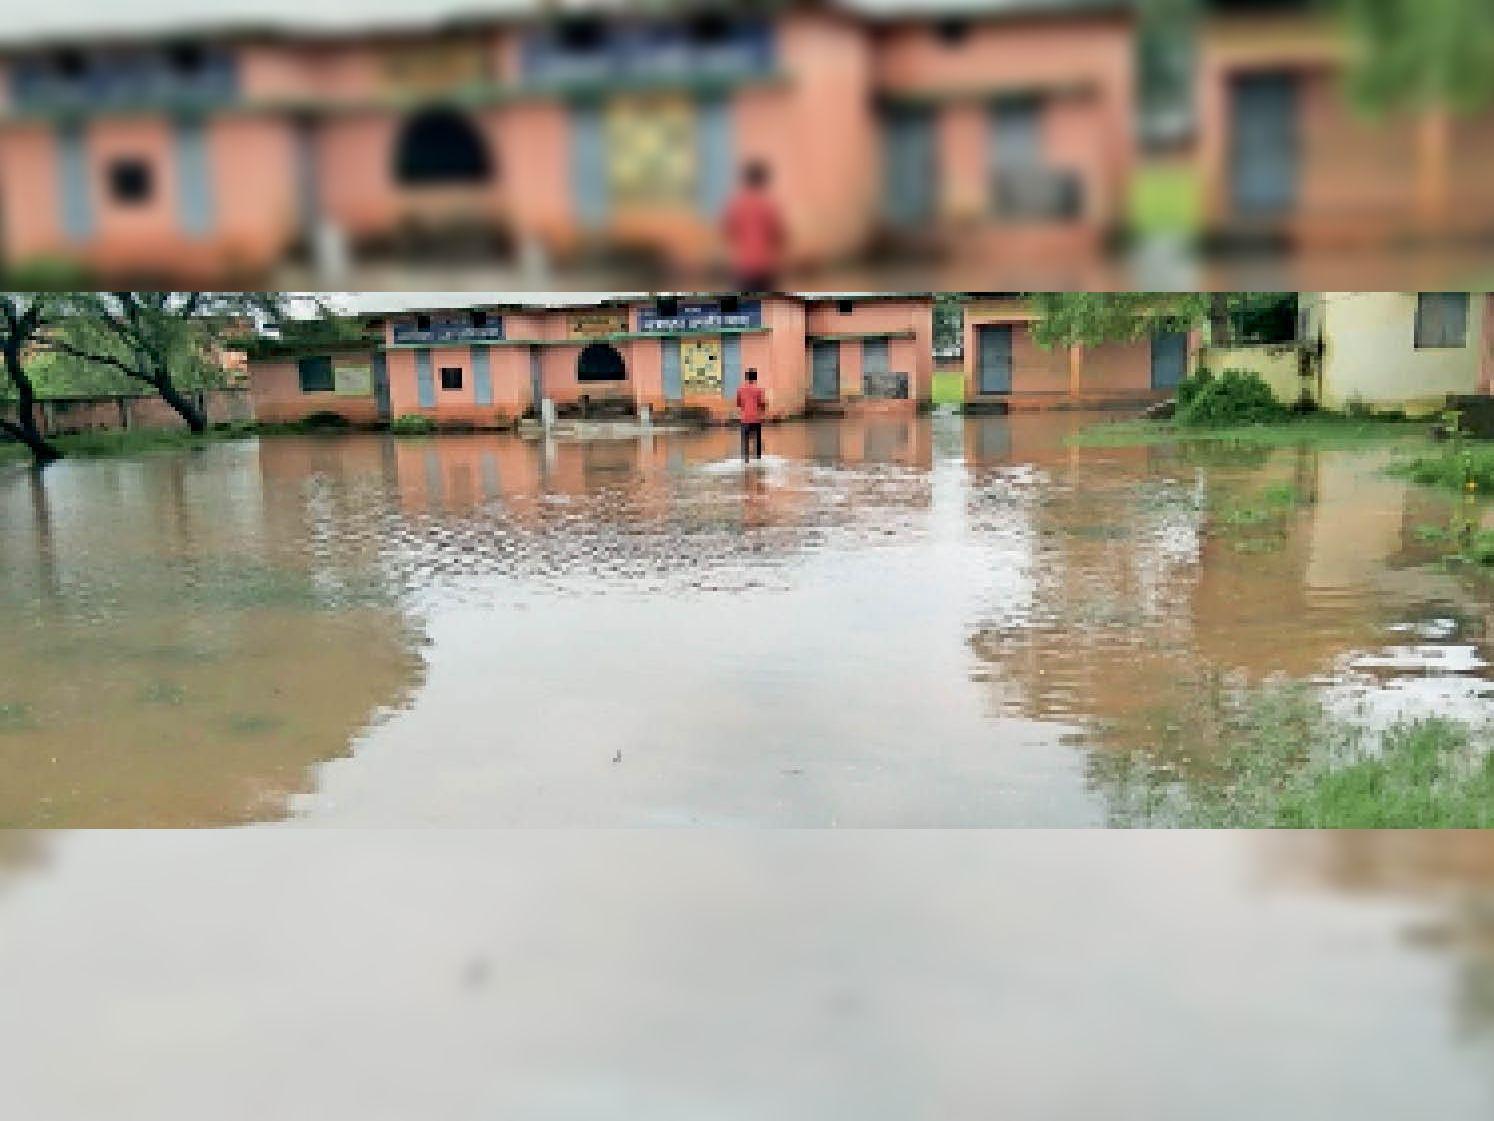 सिर्री. मंगलवार को भारी बारिश के कारण स्कूल मैदान में पानी भर गया। - Dainik Bhaskar